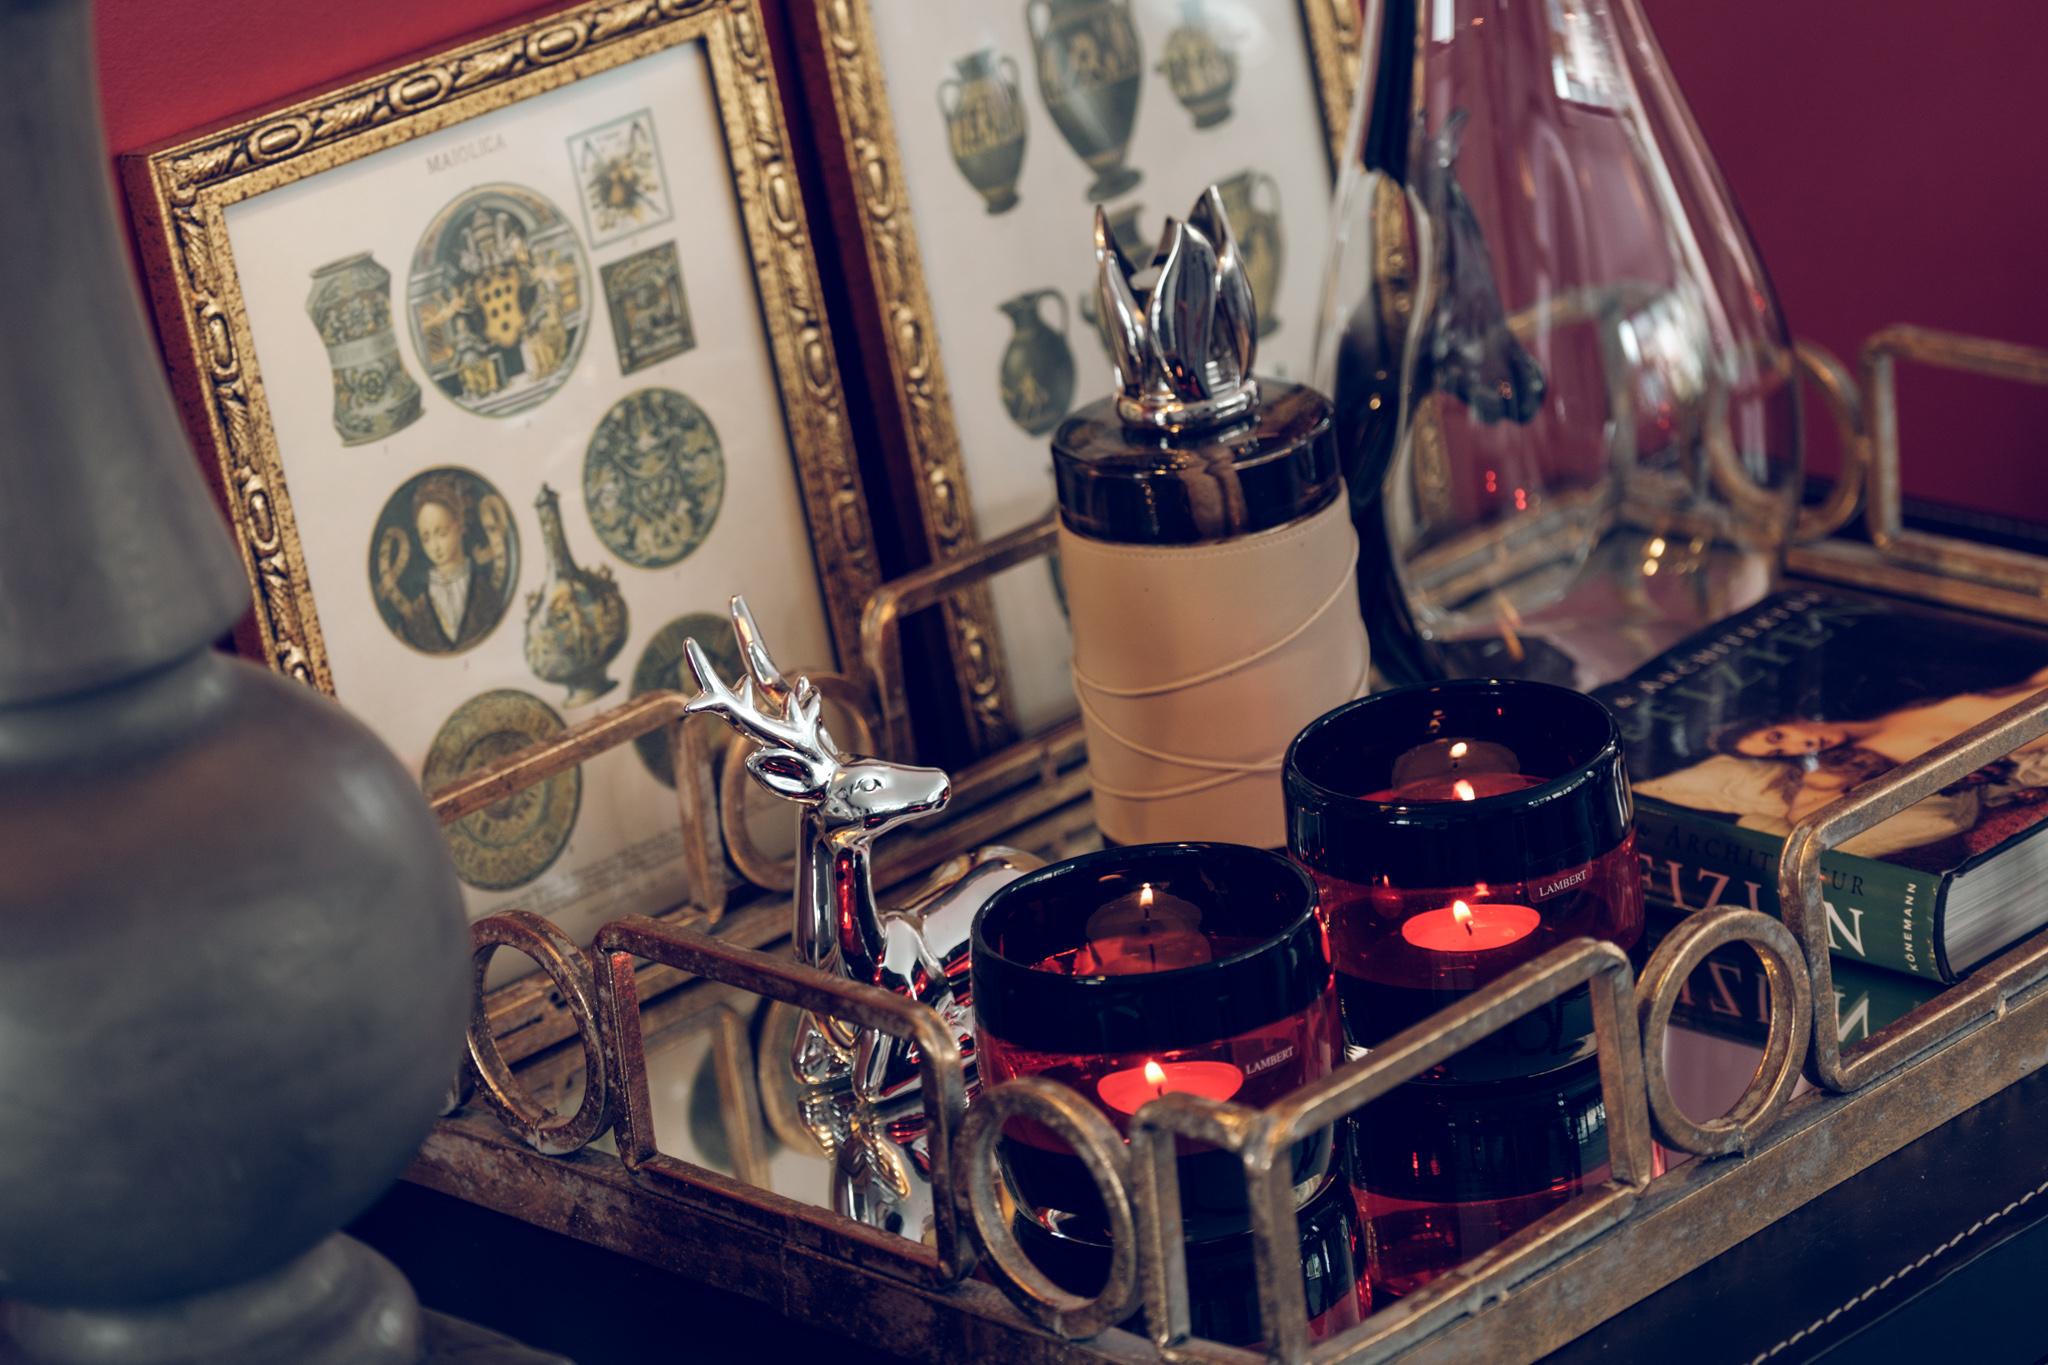 Besondere Weihnachtsdekoration, tolle Weihnachtsdekoration, individuelle Weihnachtsdekoration, Della Casa Jacqueline Körner, Lifestyle-Blog, Lieblingsstil.com, 4,